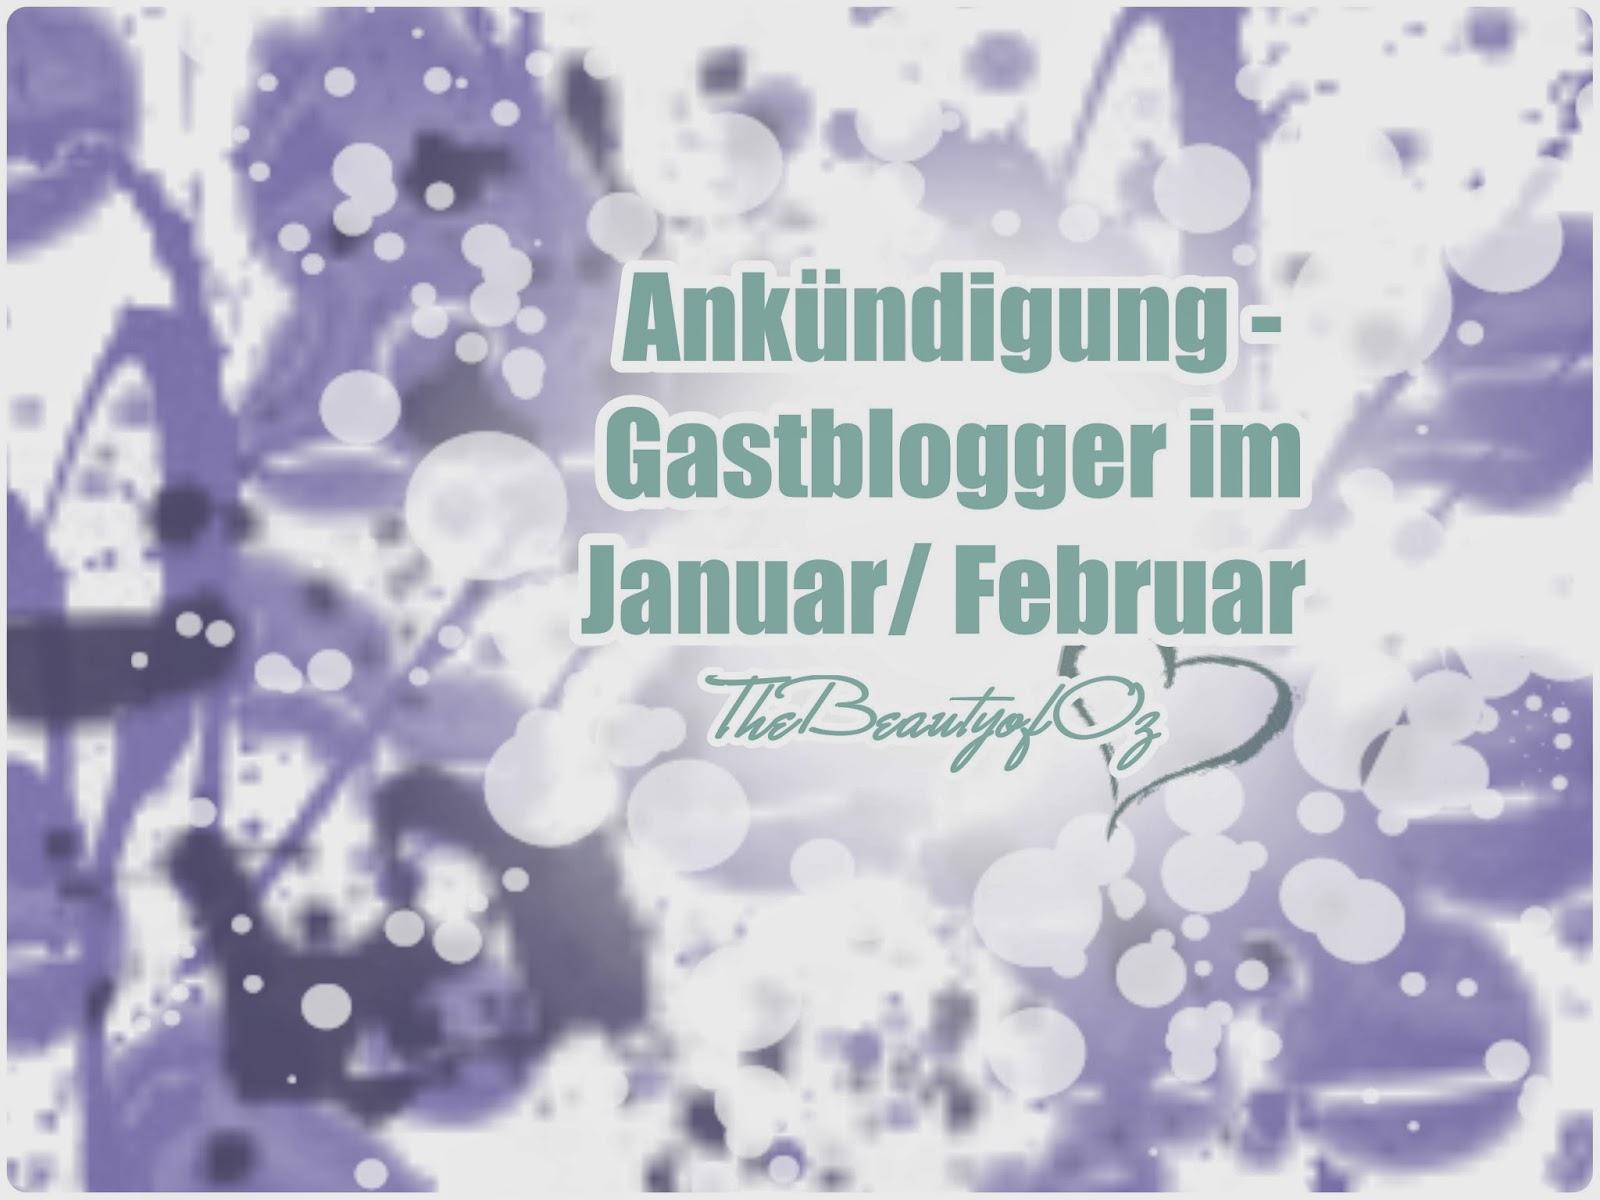 Ankündigung Gastblogger im Januar/ Februar 2014